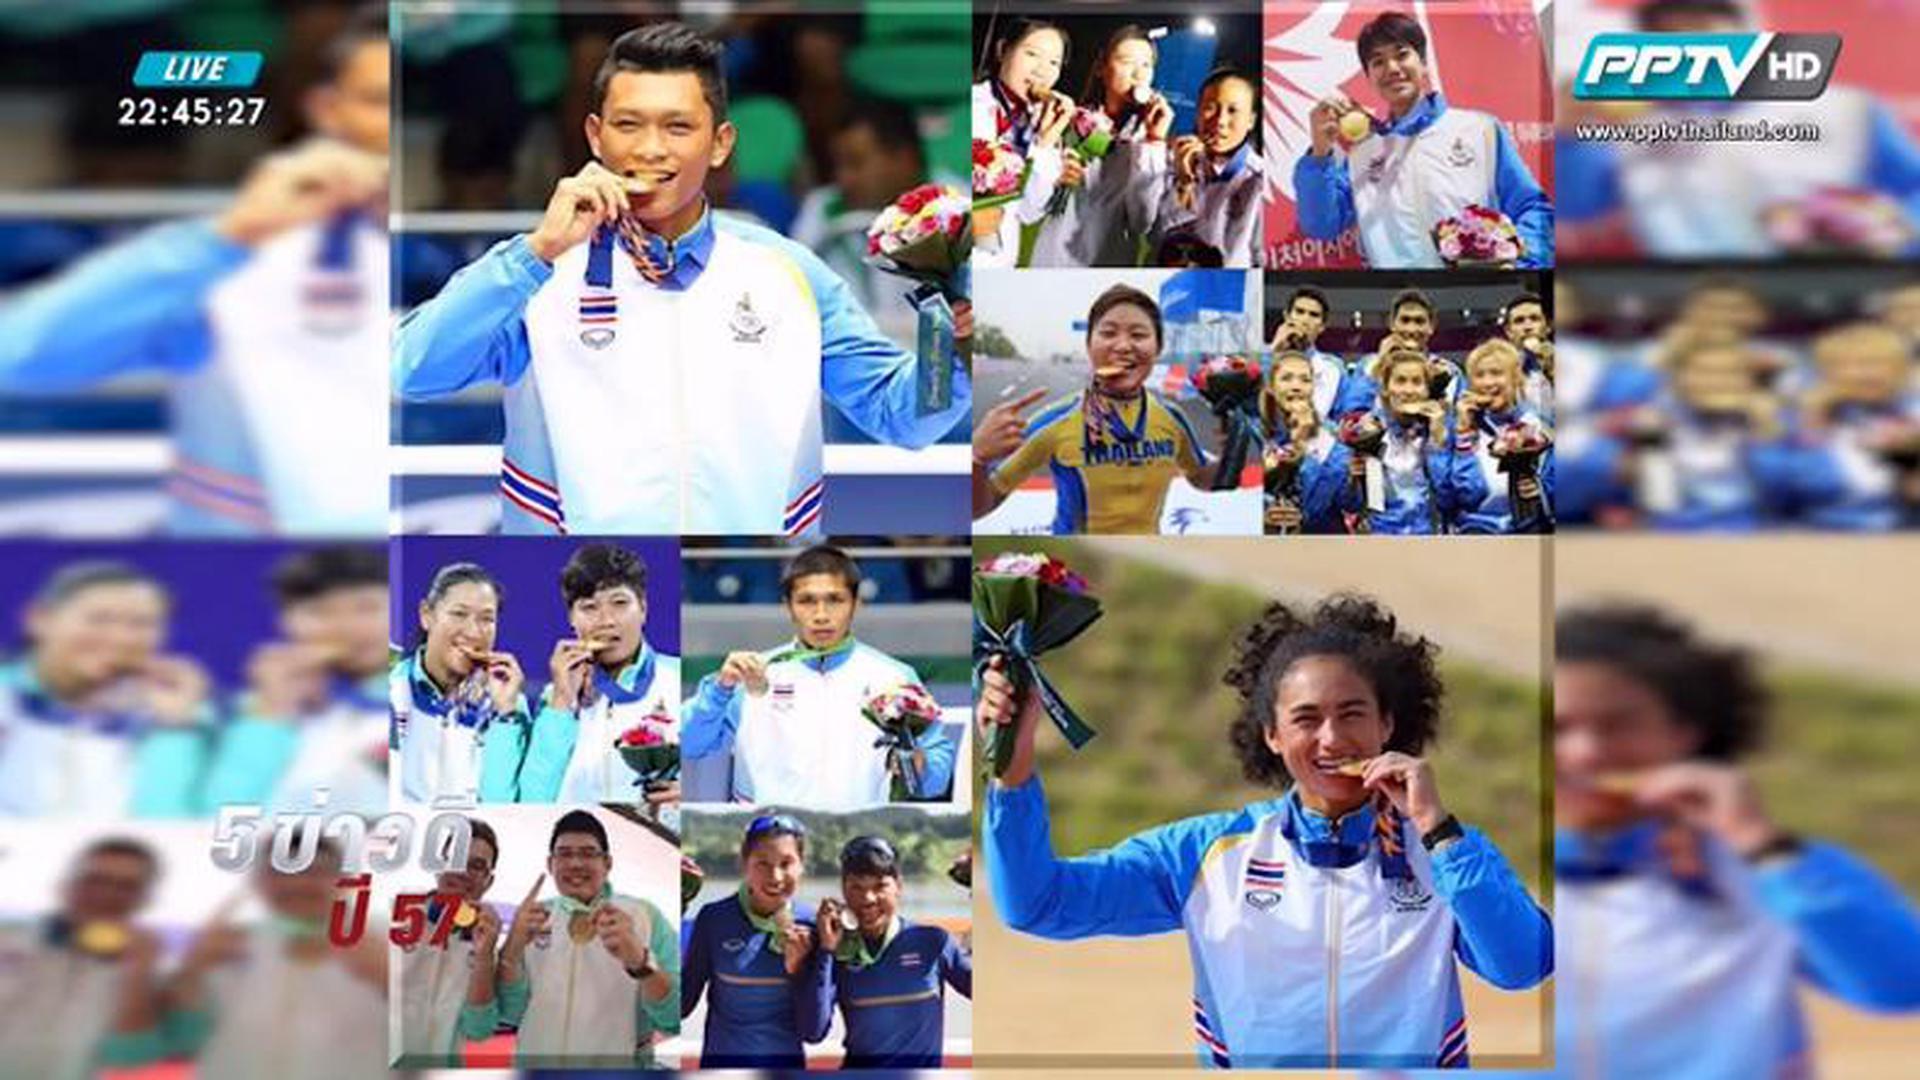 2557 ปีแห่งความสำเร็จของนักกีฬาไทย